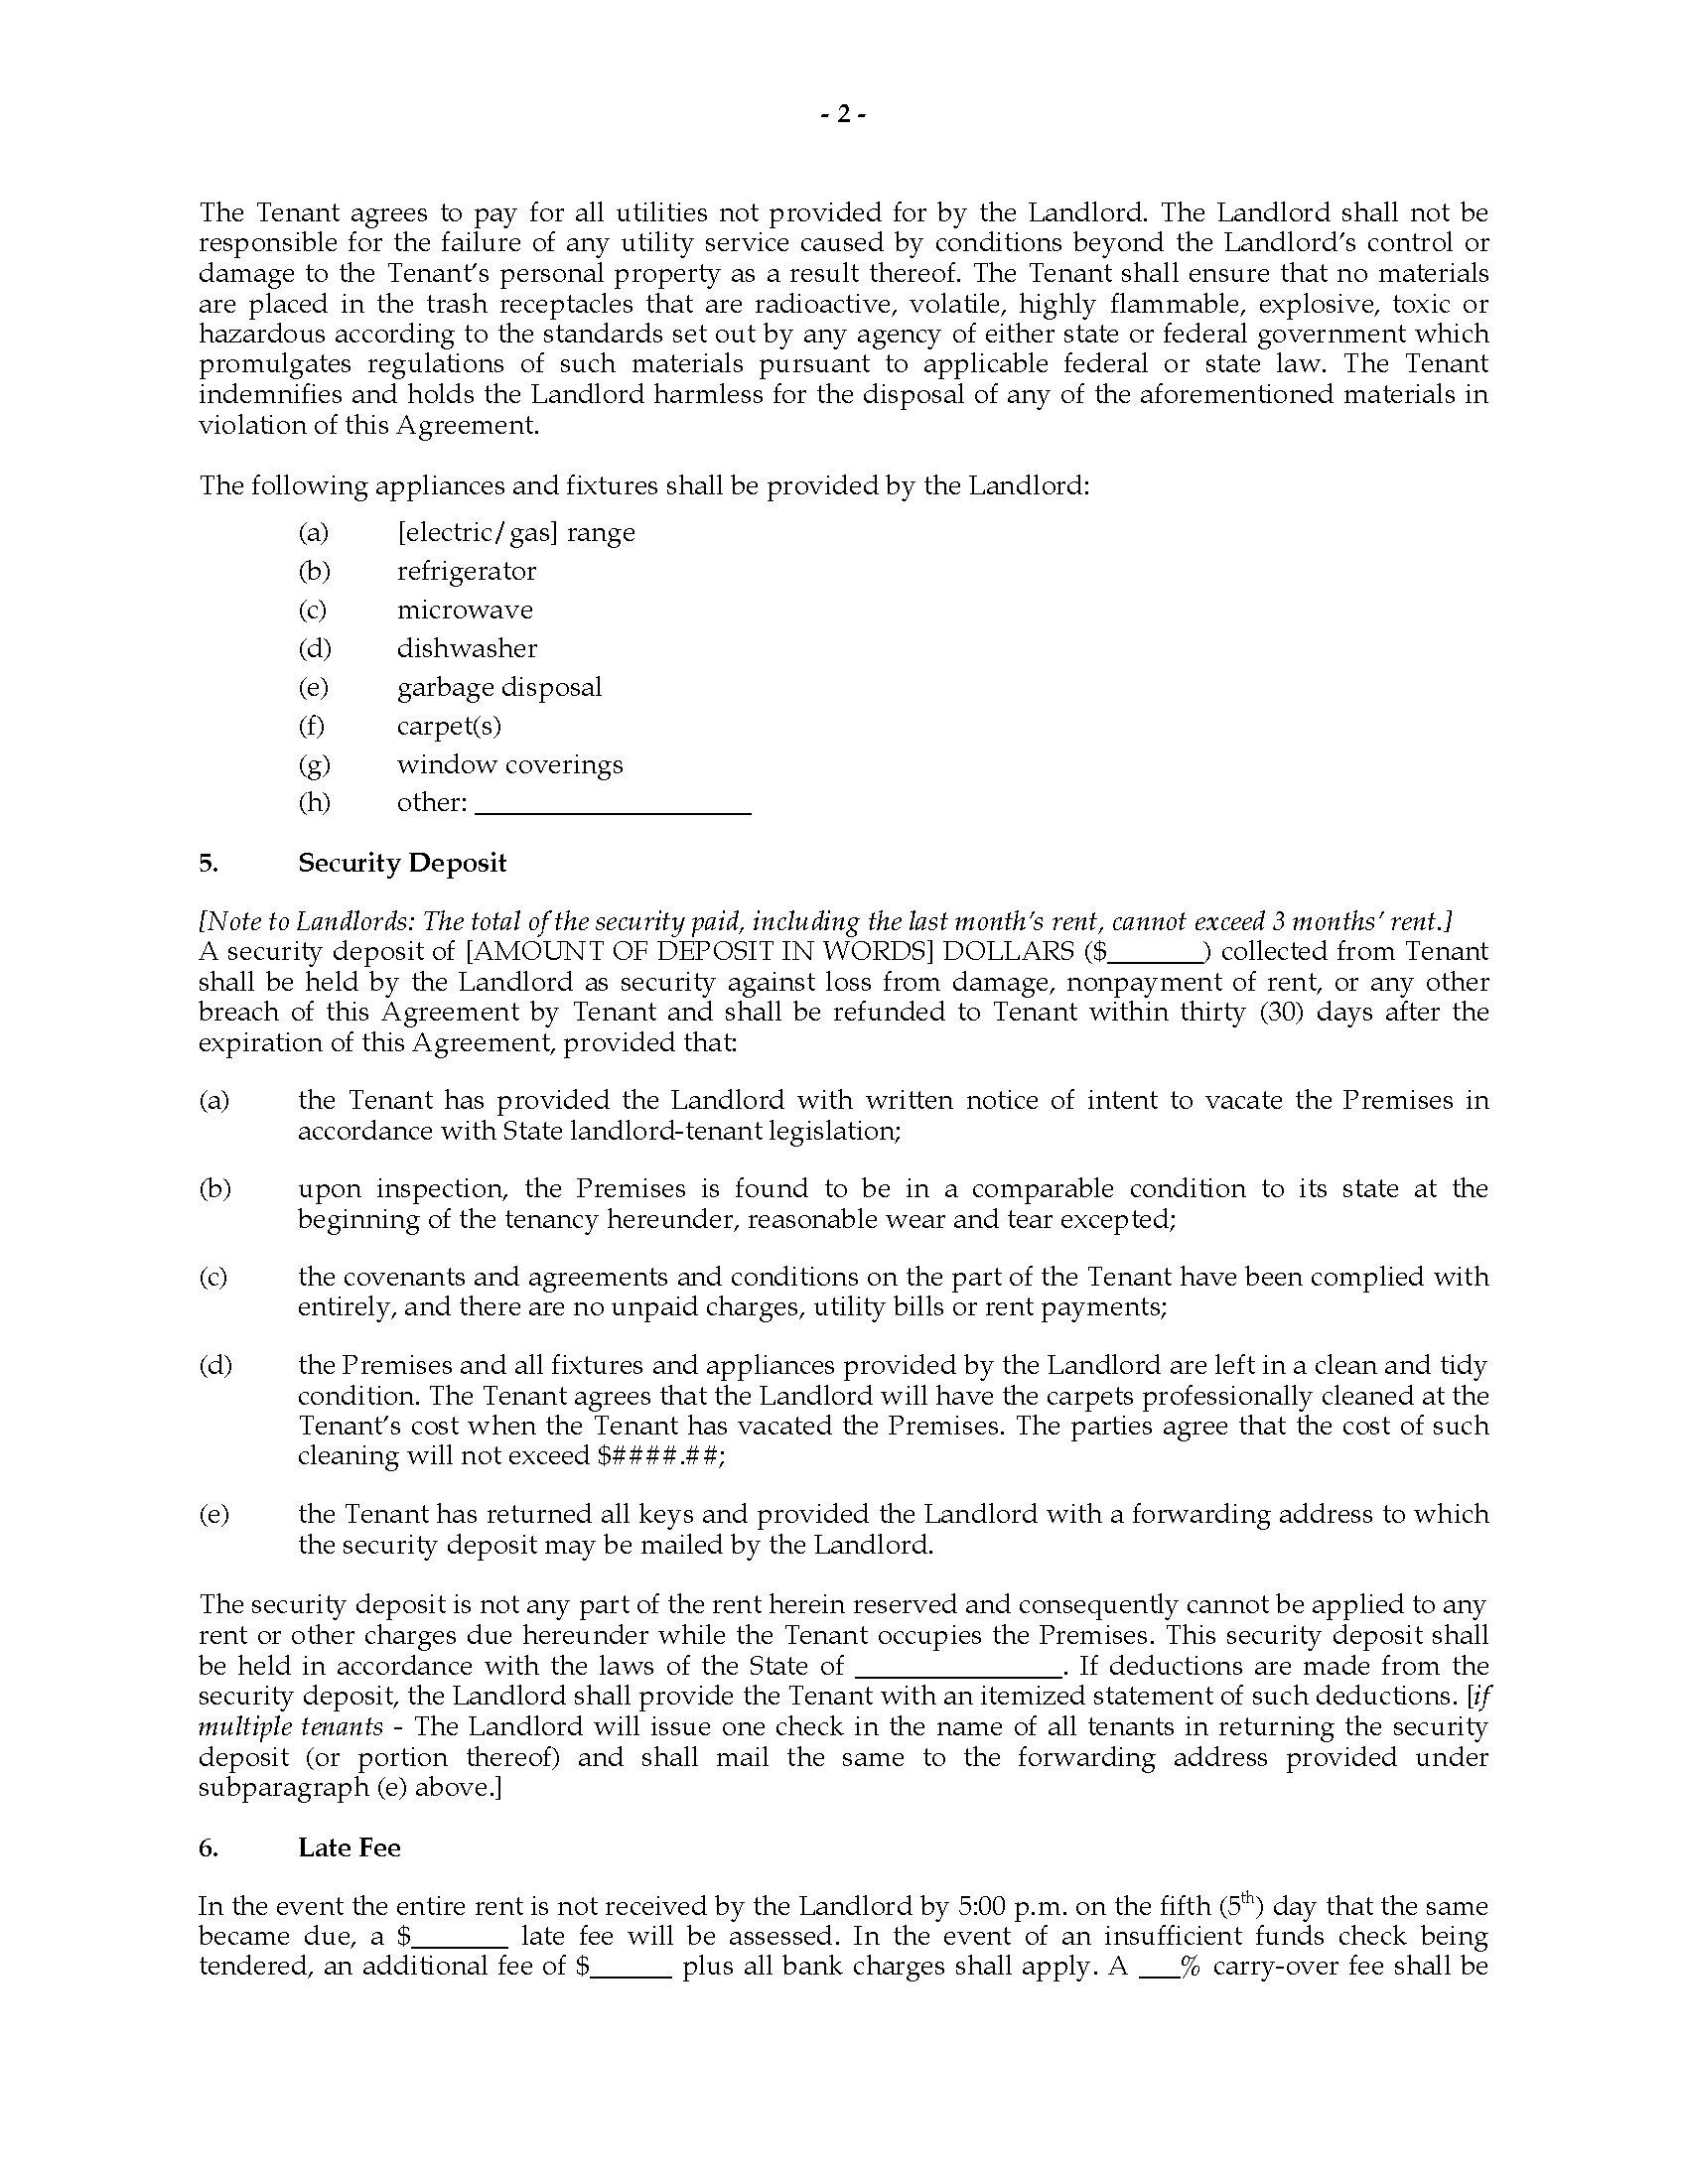 nevada rental agreement for residential premises legal. Black Bedroom Furniture Sets. Home Design Ideas